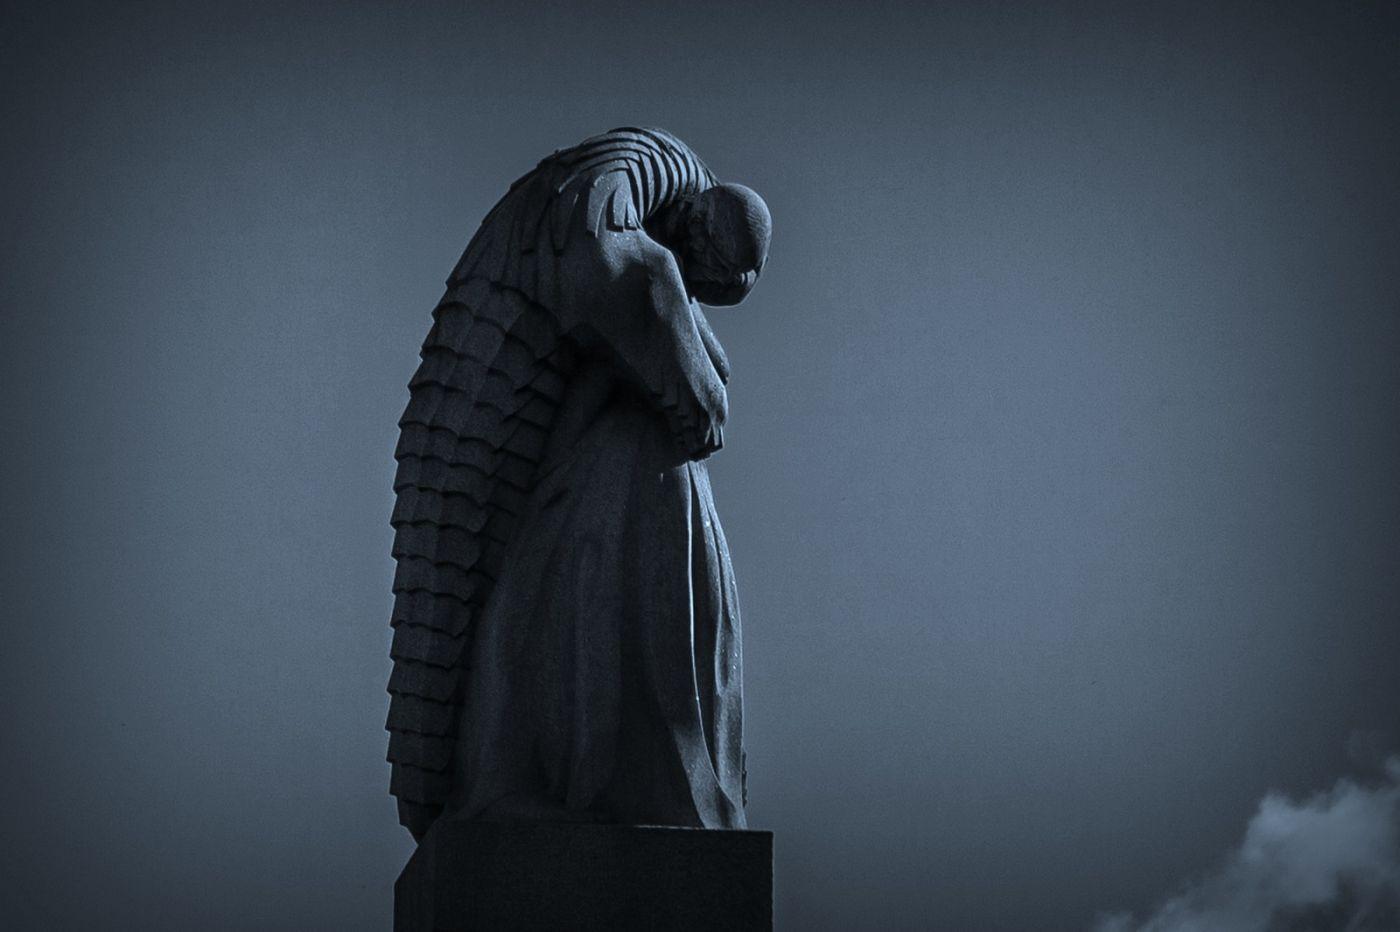 挪威维格兰雕塑公园,艺术的确来自生活_图1-4